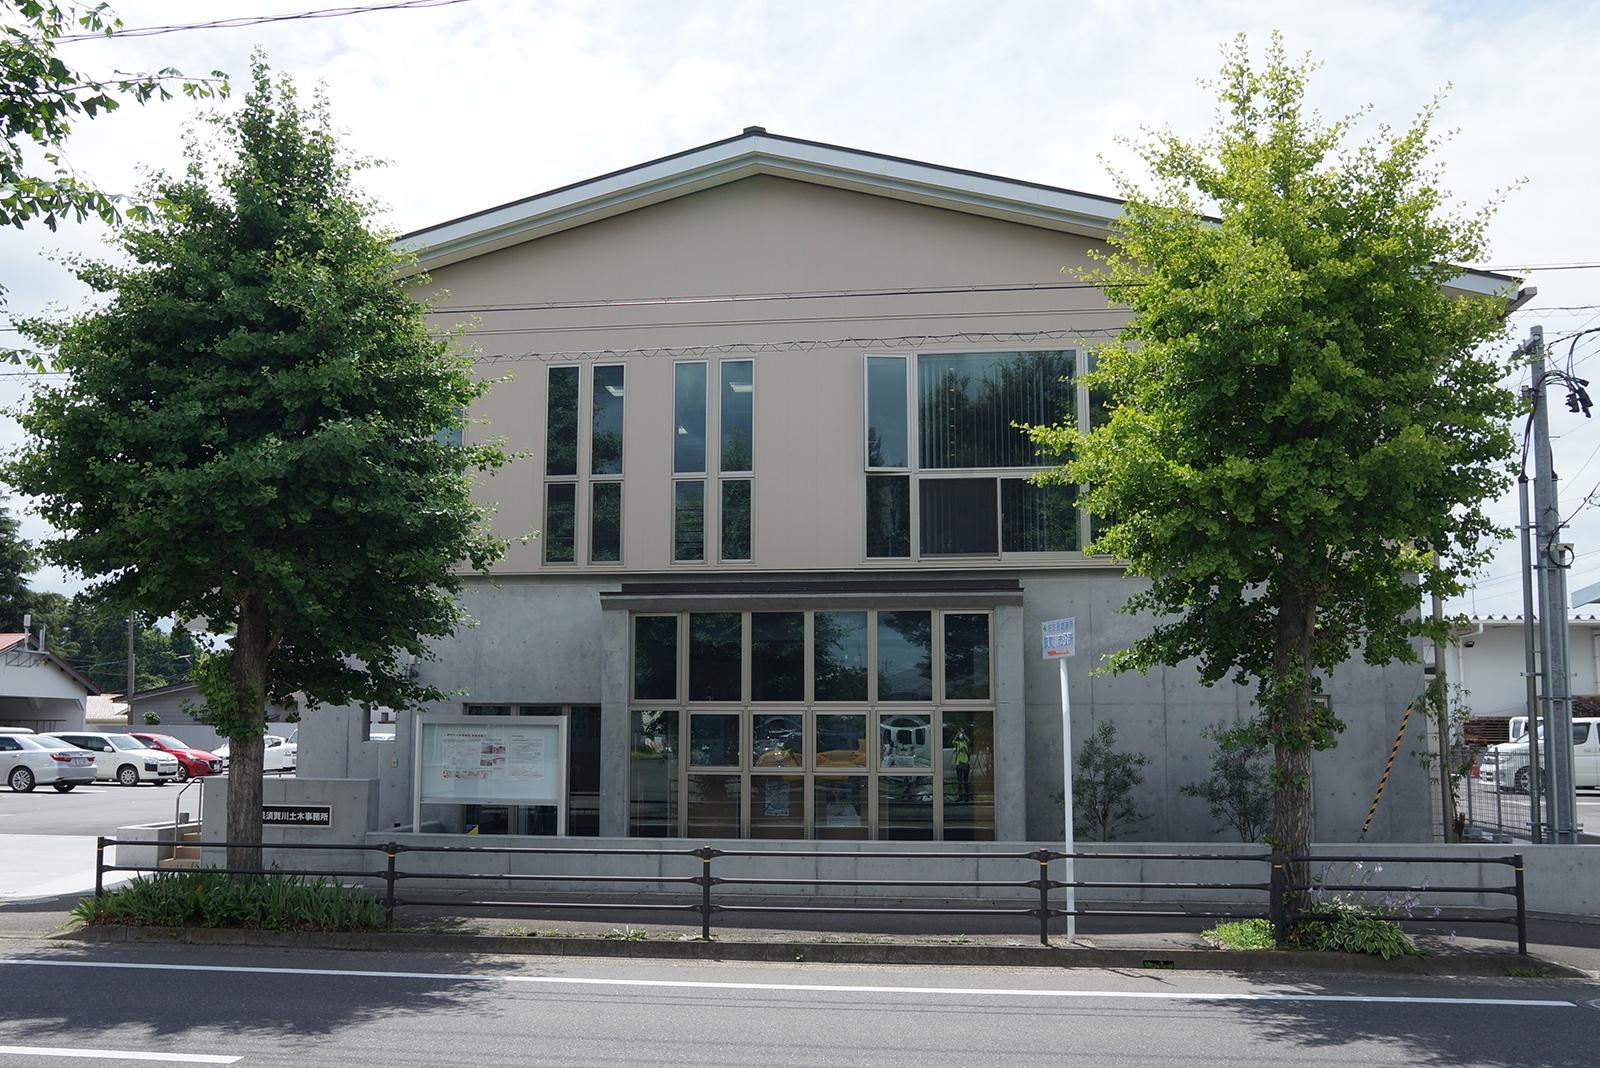 福島県須賀川土木事務所の東側外観(写真:守山 久子)